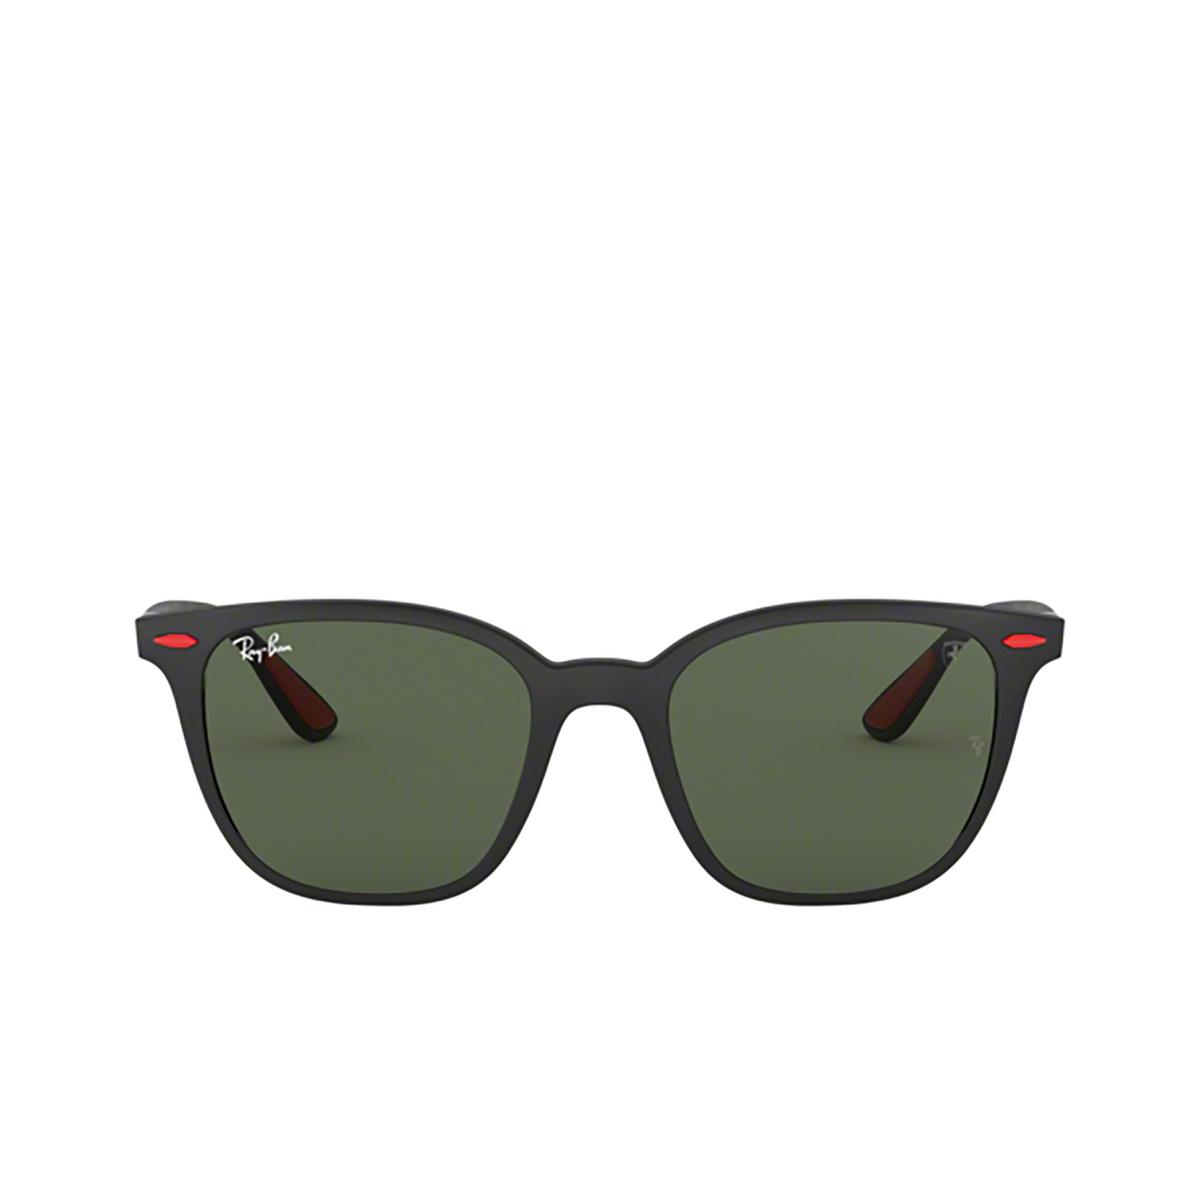 Ray-Ban® Square Sunglasses: Ferrari RB4297M color Matte Black F60271 - 1/3.